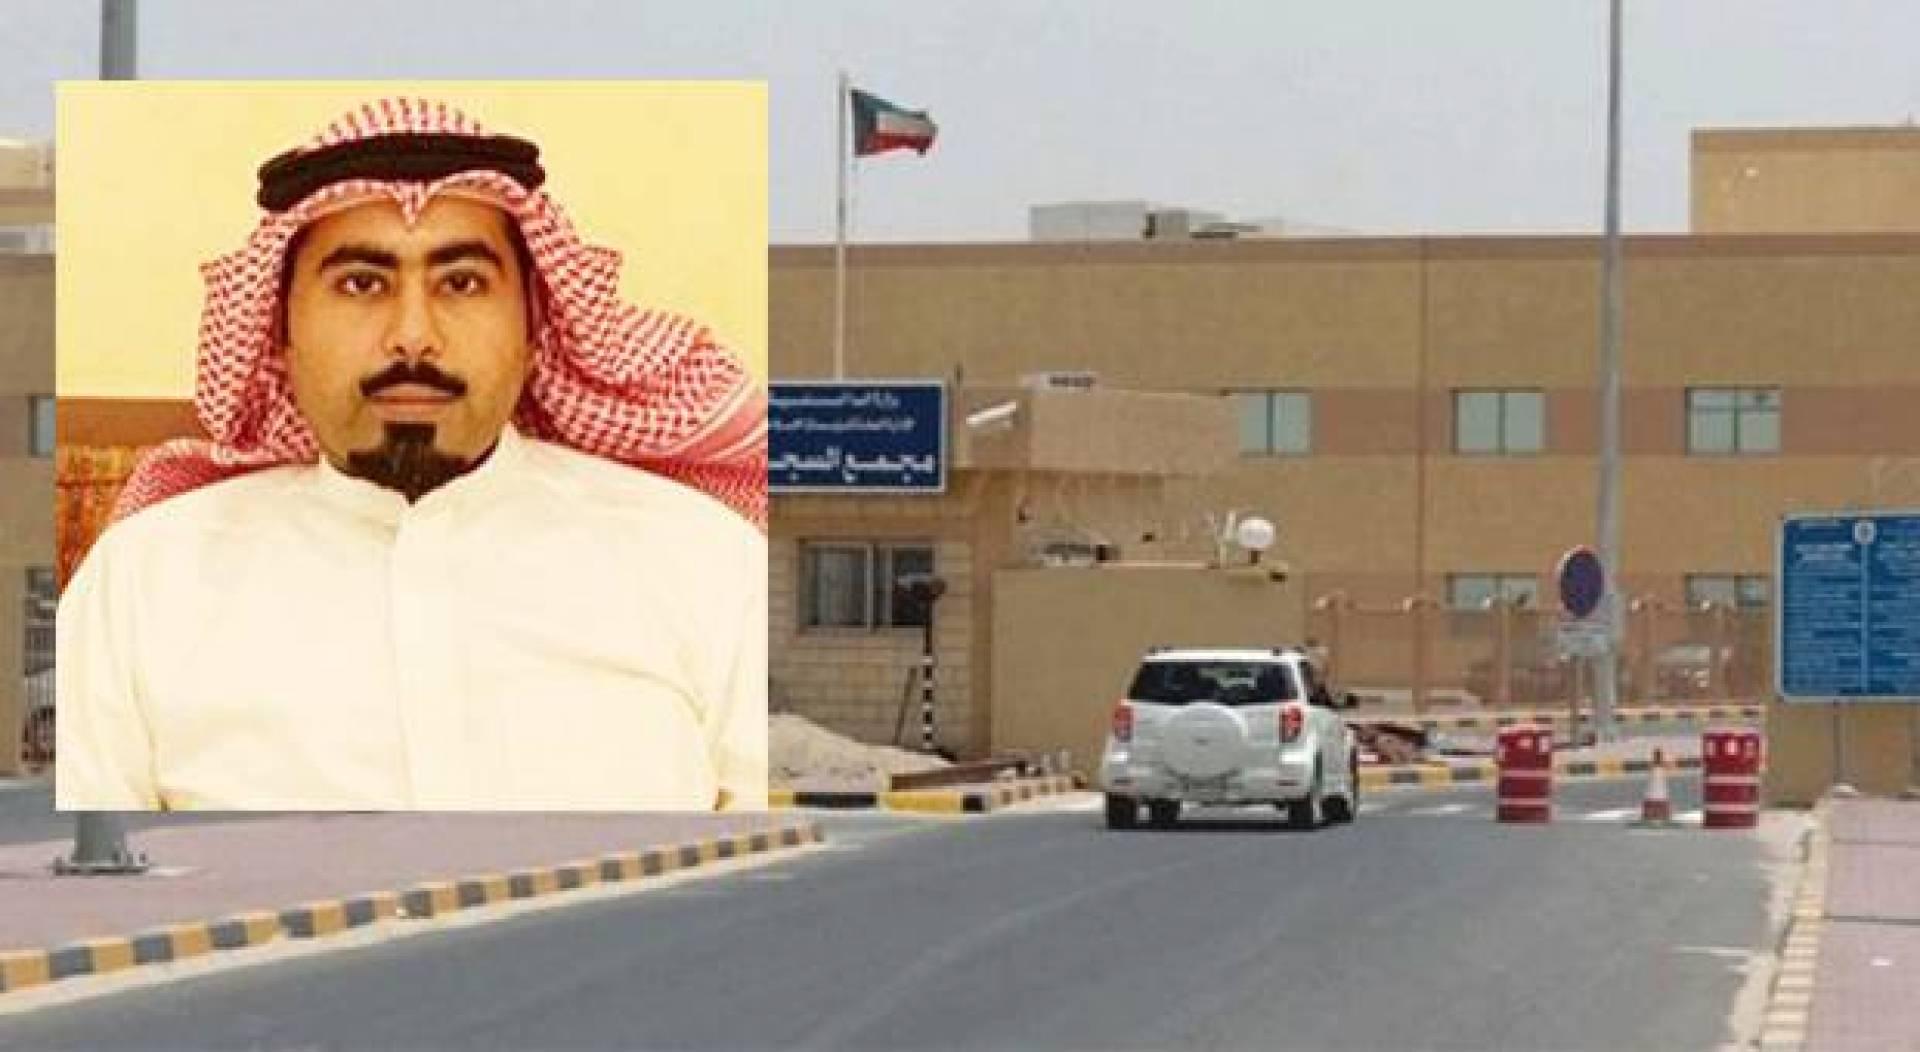 حبس الشيخ عبدالله السالم.. وإحالته إلى السجن المركزي